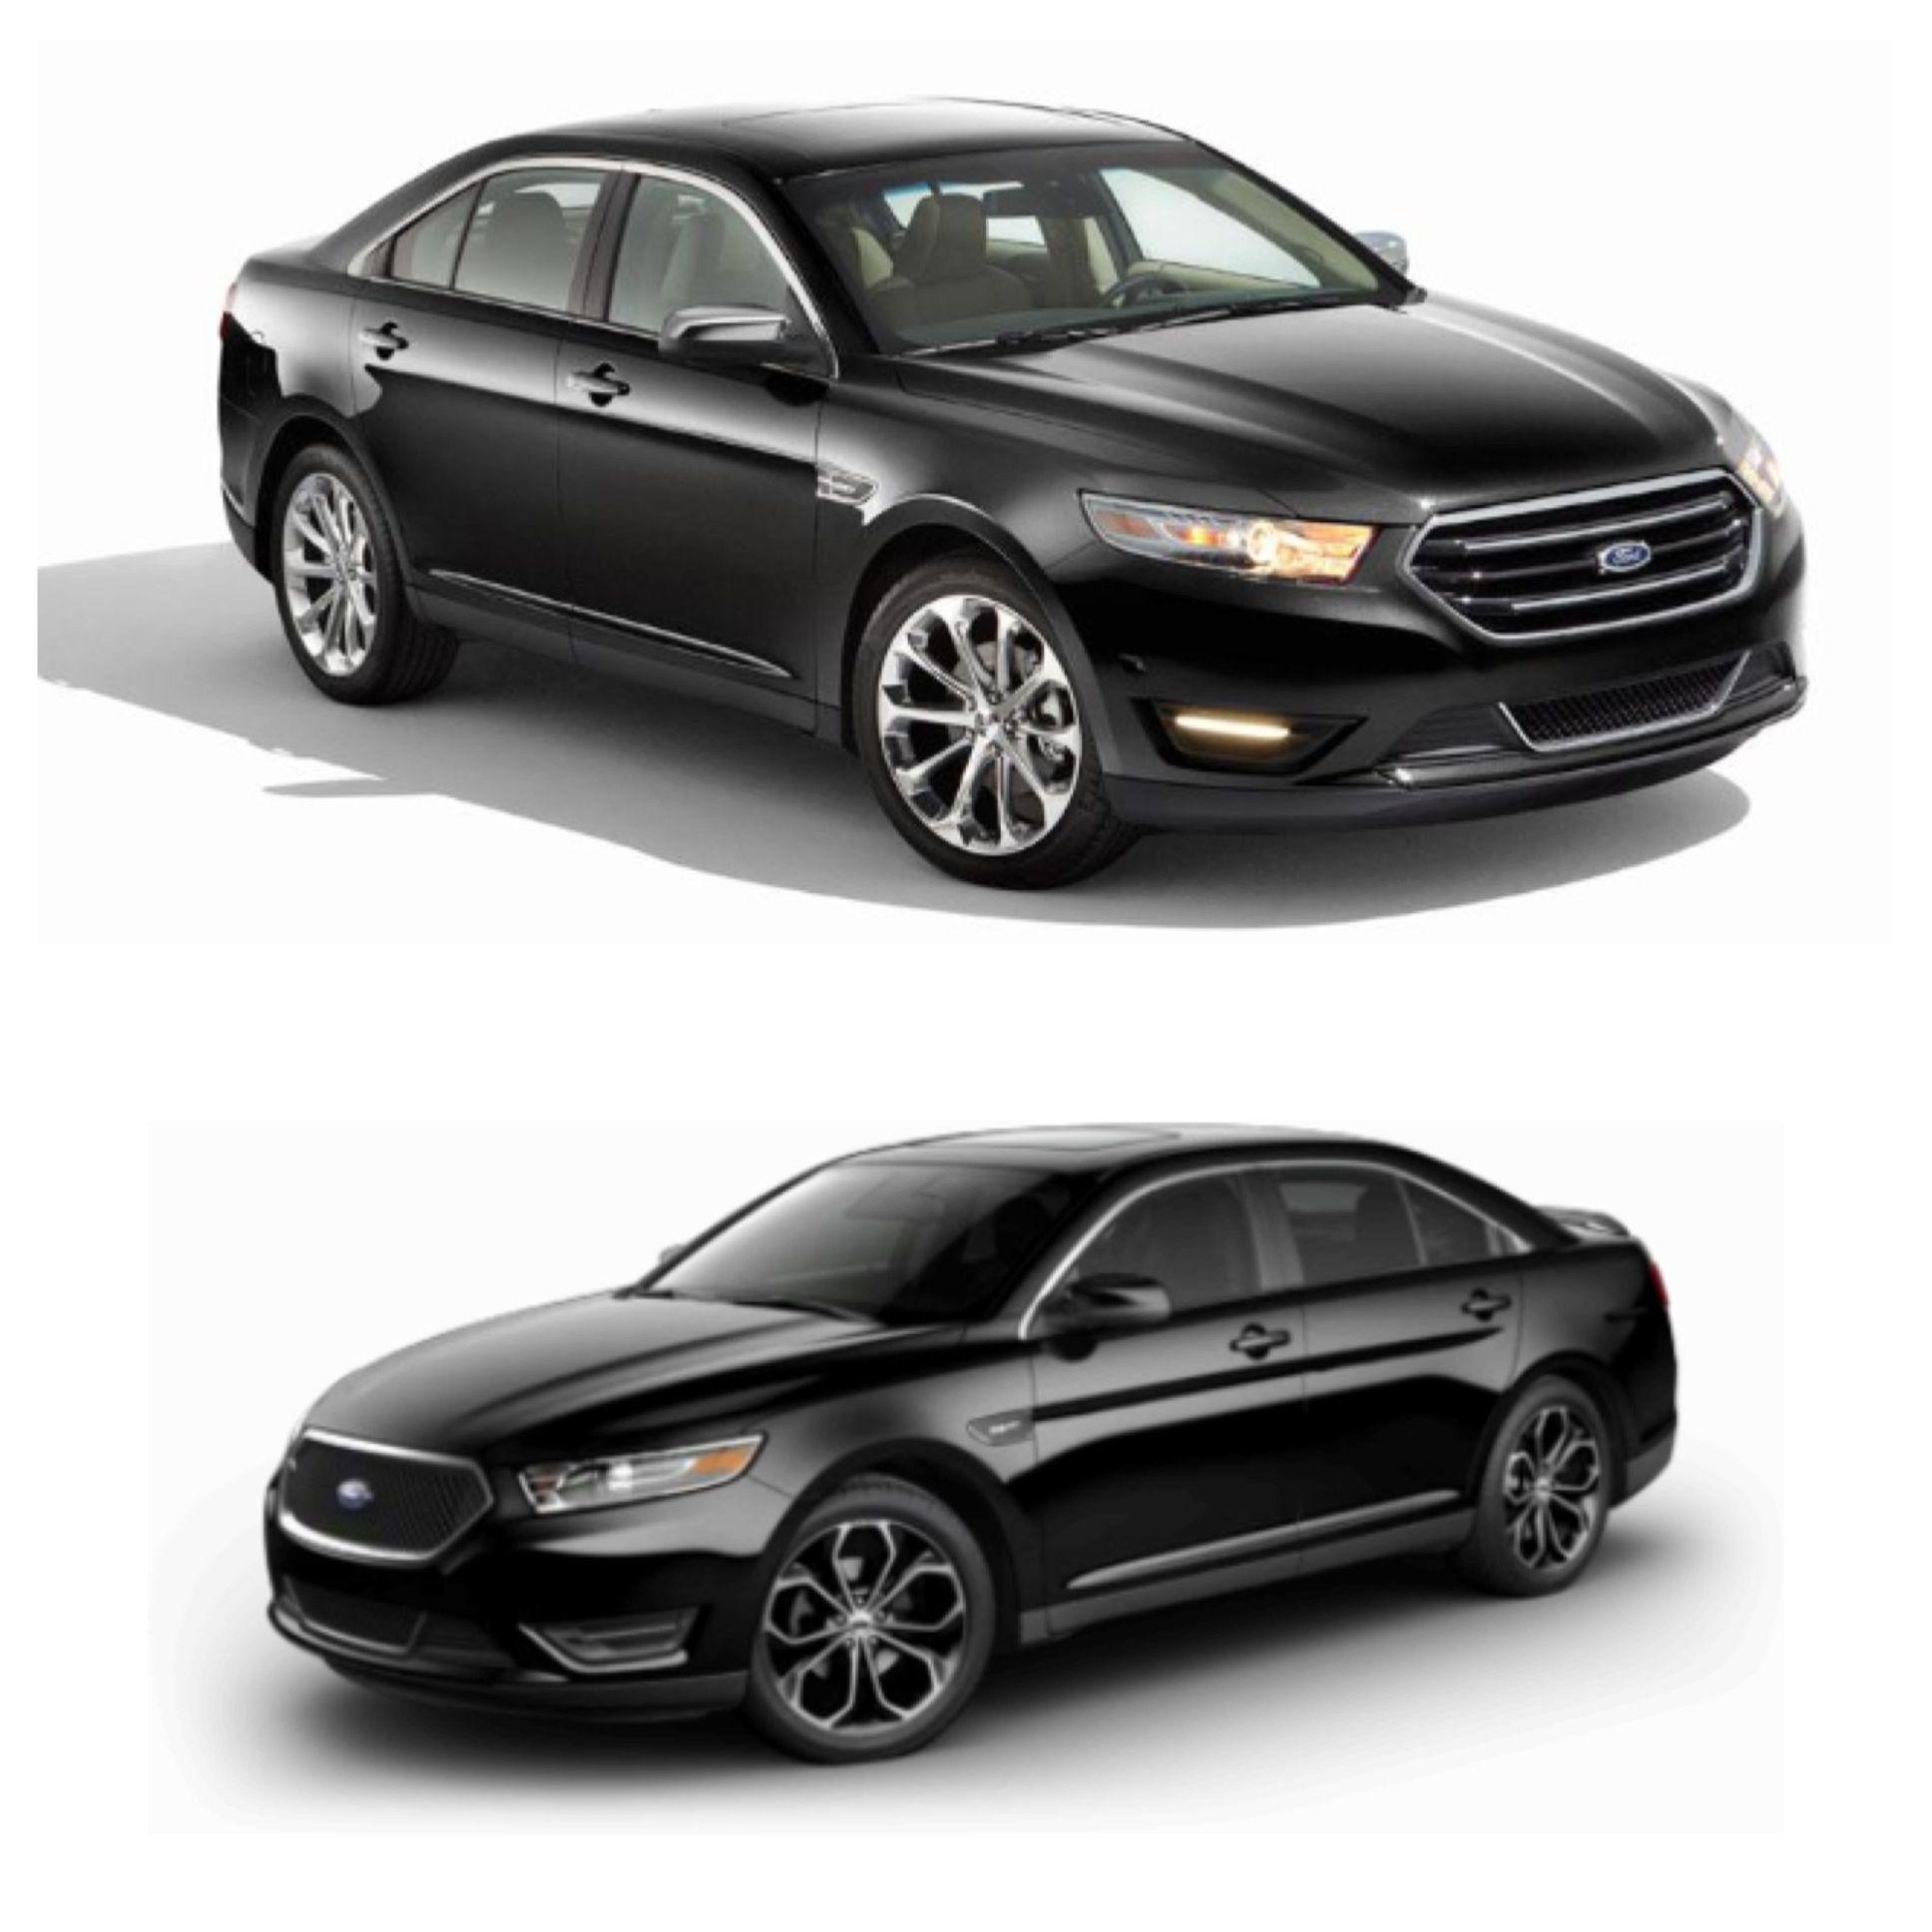 Ford Taurus Sho 2013: Black 2013 Ford Taurus SHO